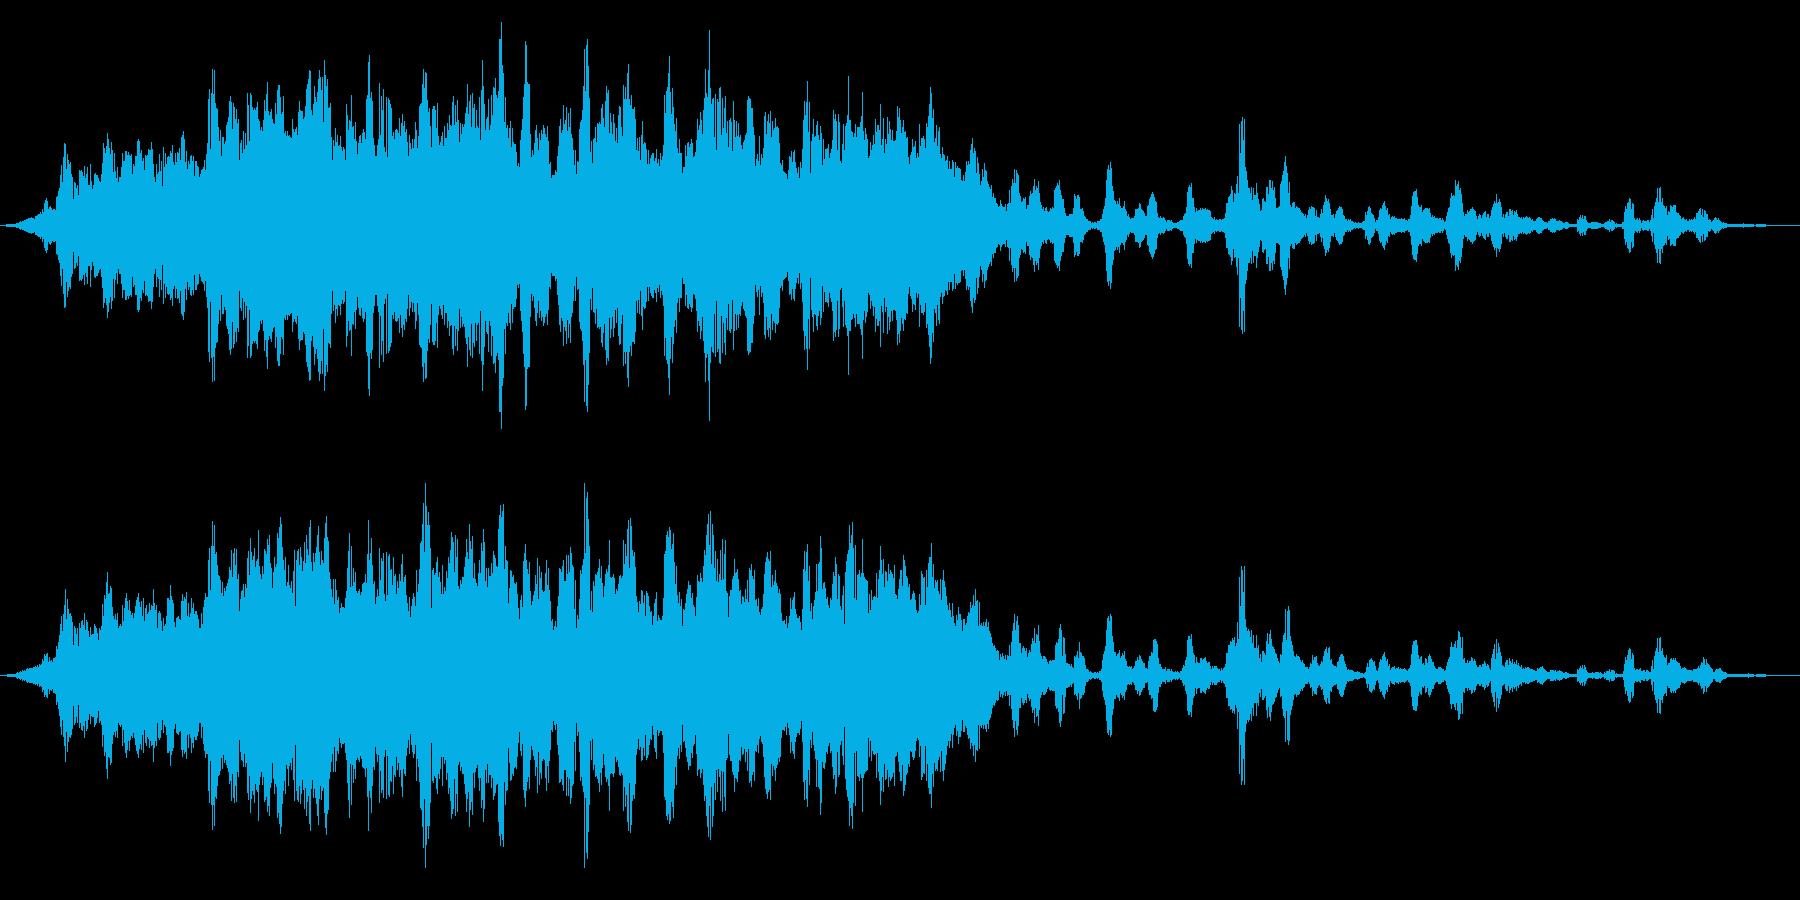 マシンストレッチ、メタルワープ、デ...の再生済みの波形